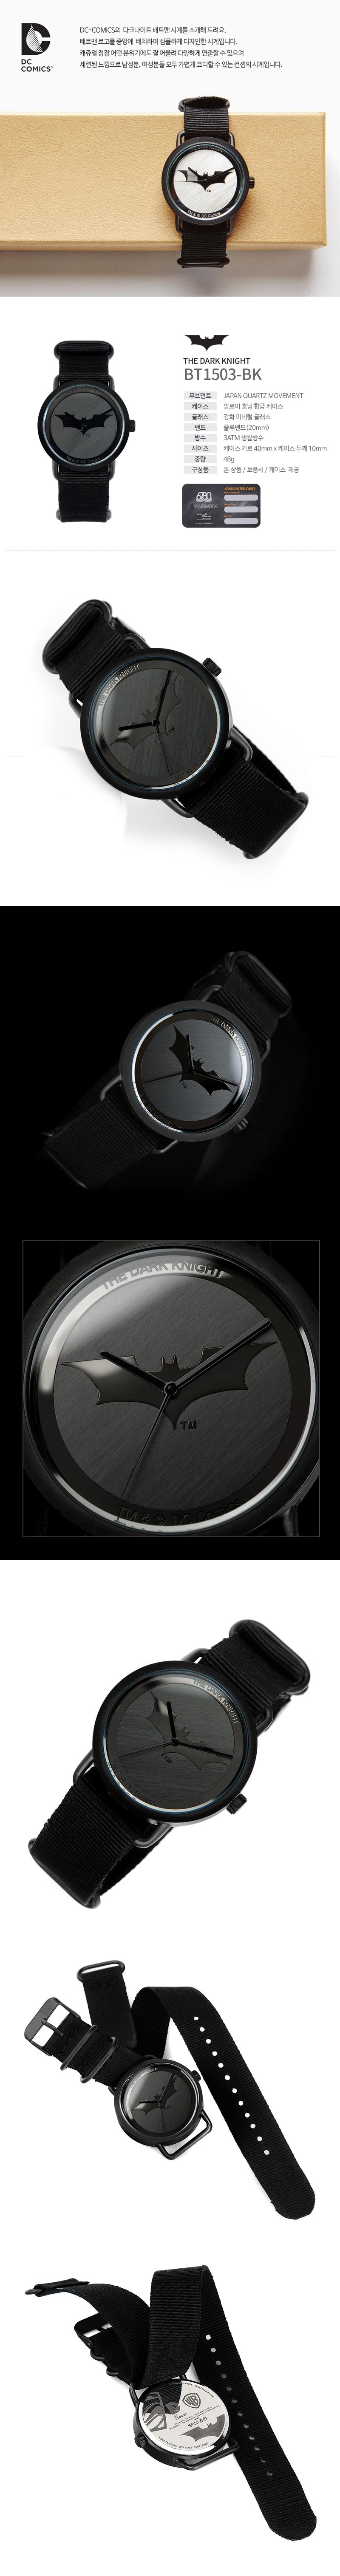 디씨코믹스(DC COMICS) [DC COMICS] 디씨코믹스 배트맨 다크나이트 BT1503-BK 본사정품